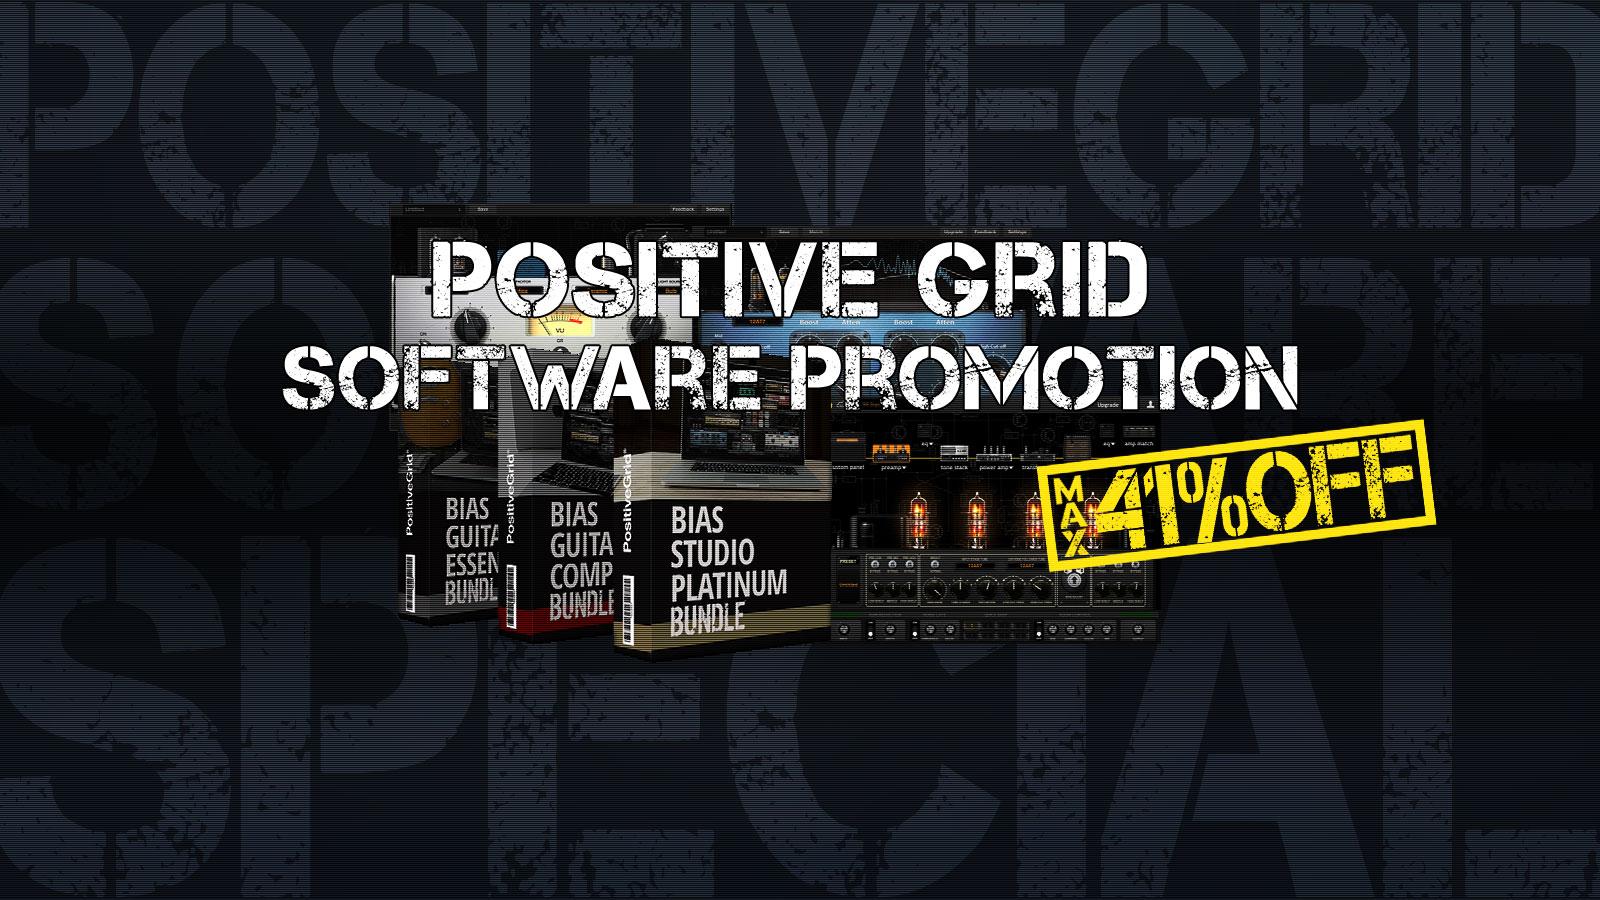 全品対象、最大41%オフ!Positive Grid Software プロモーション